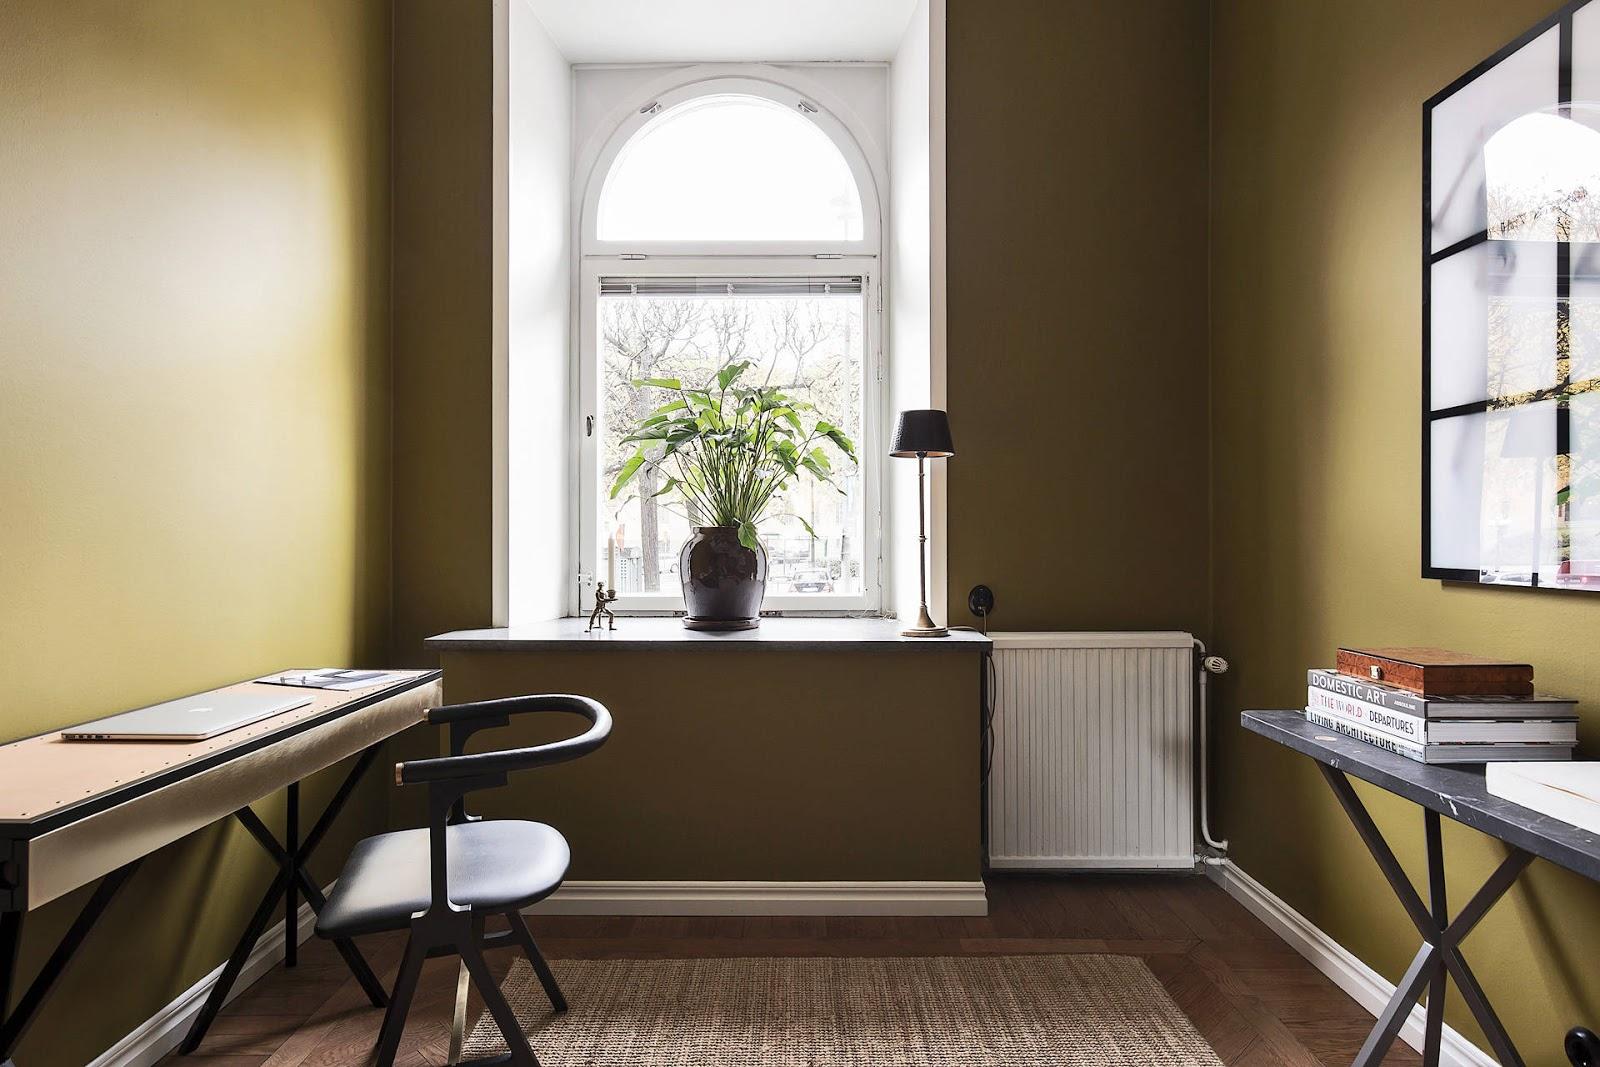 Accente vintage și bucătărie până în tavan într-un apartament de 73 m² 9.jpg